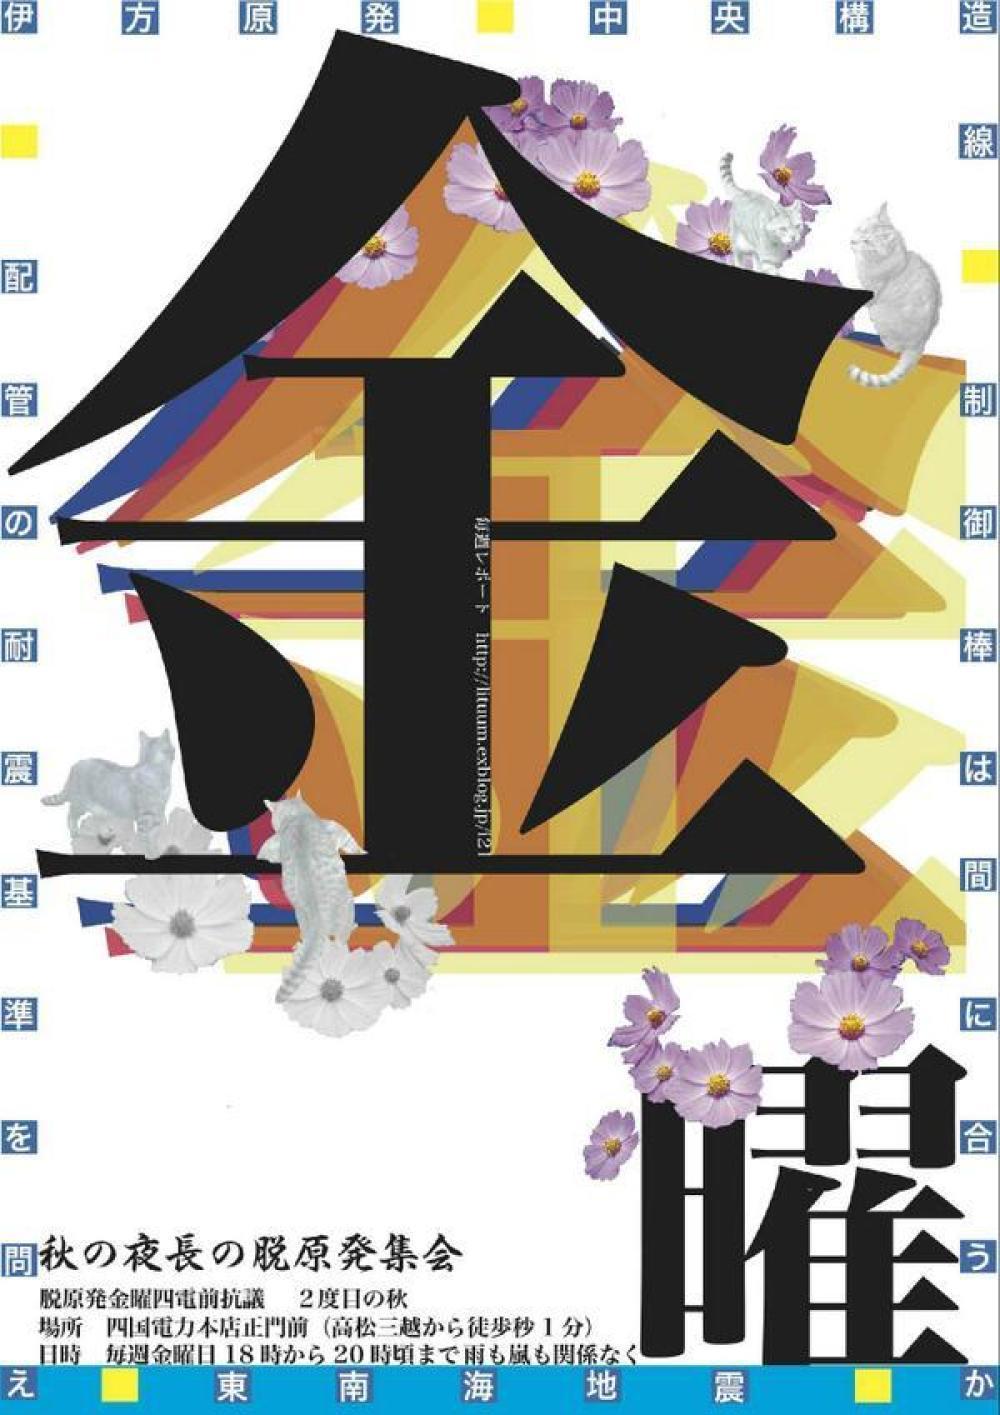 305回目四電本社前再稼働反対抗議レポ 5月11日(金)高松 【伊方原発を止めた。私たちは止まらない。22】 火山灰対策_b0242956_14032372.jpg